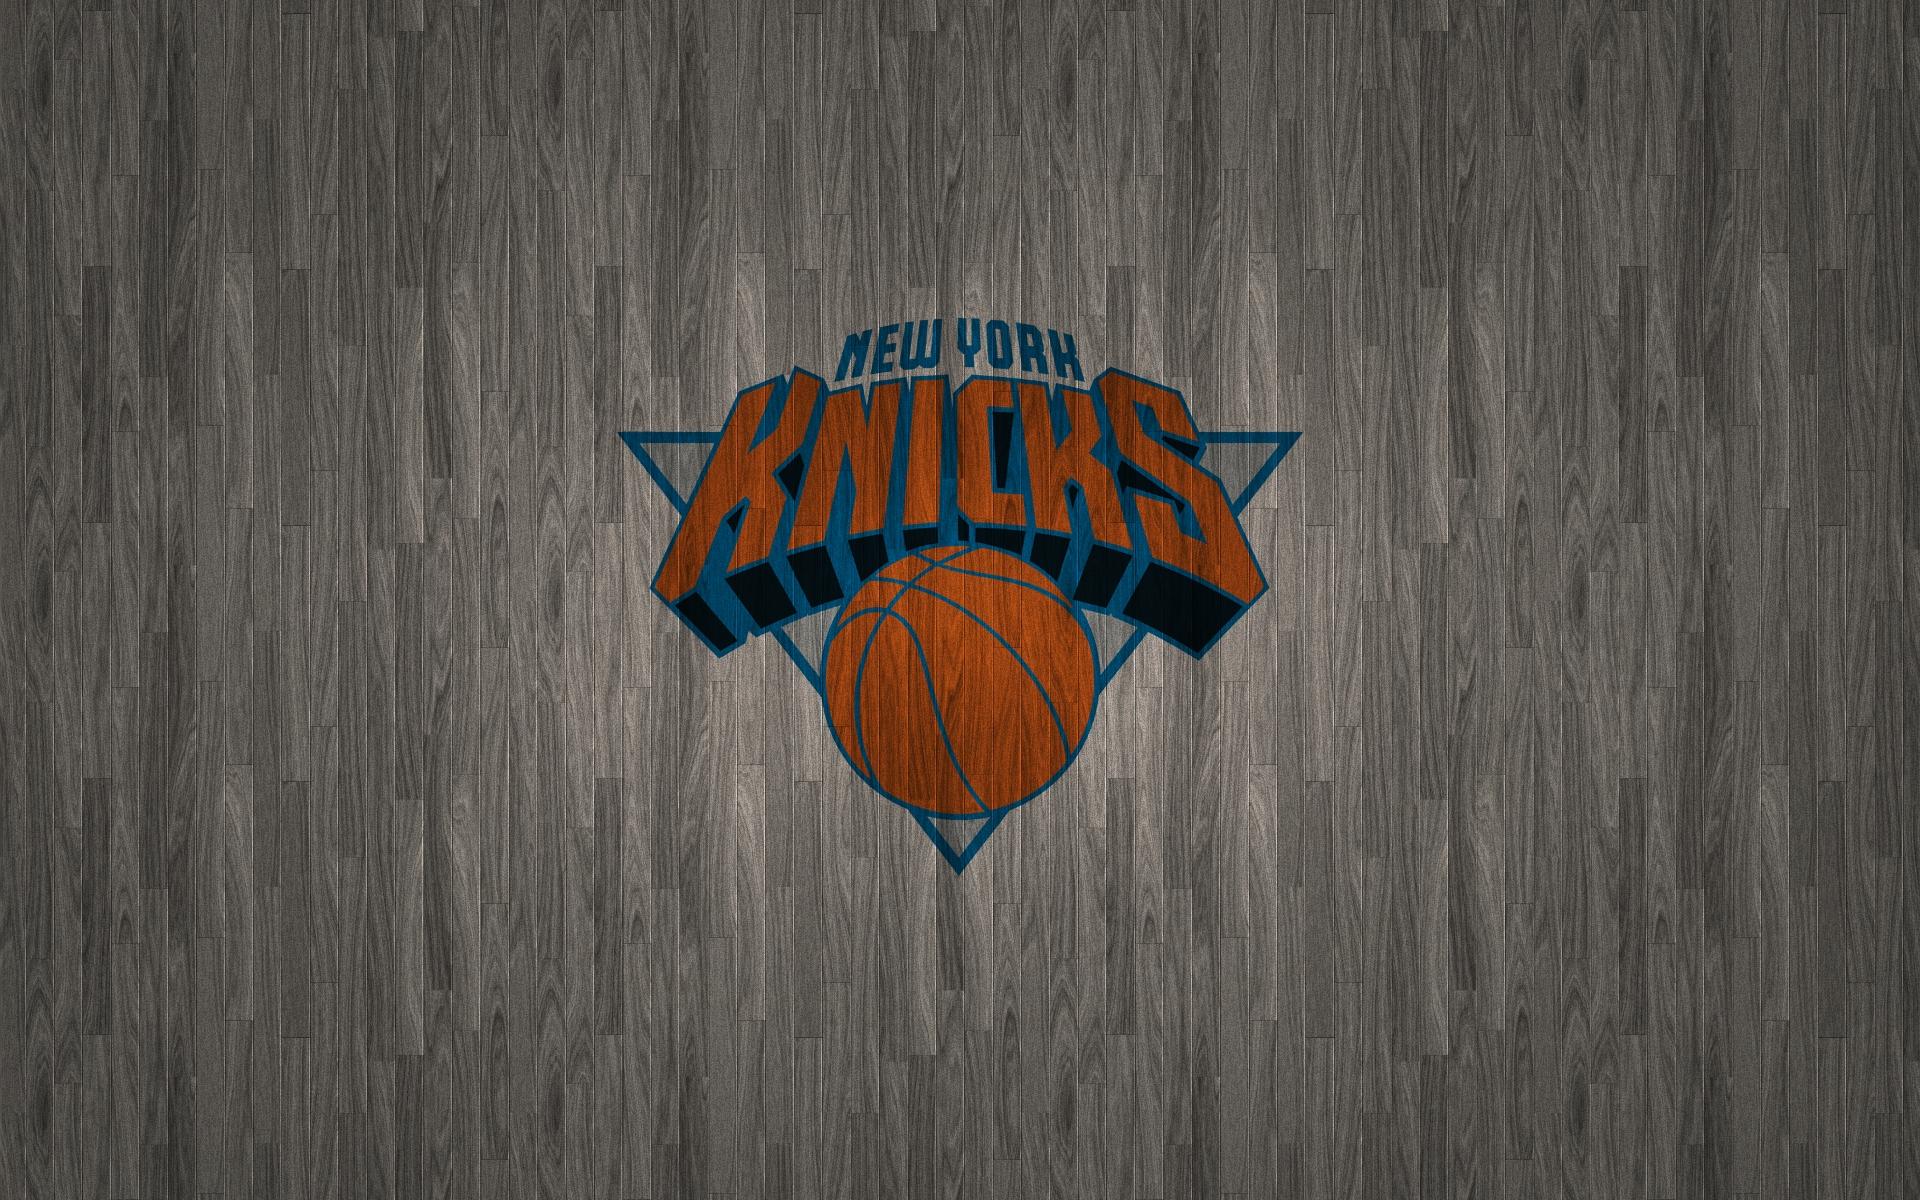 New York Knicks Hd Wallpaper Hintergrund 1920x1200 Id 148844